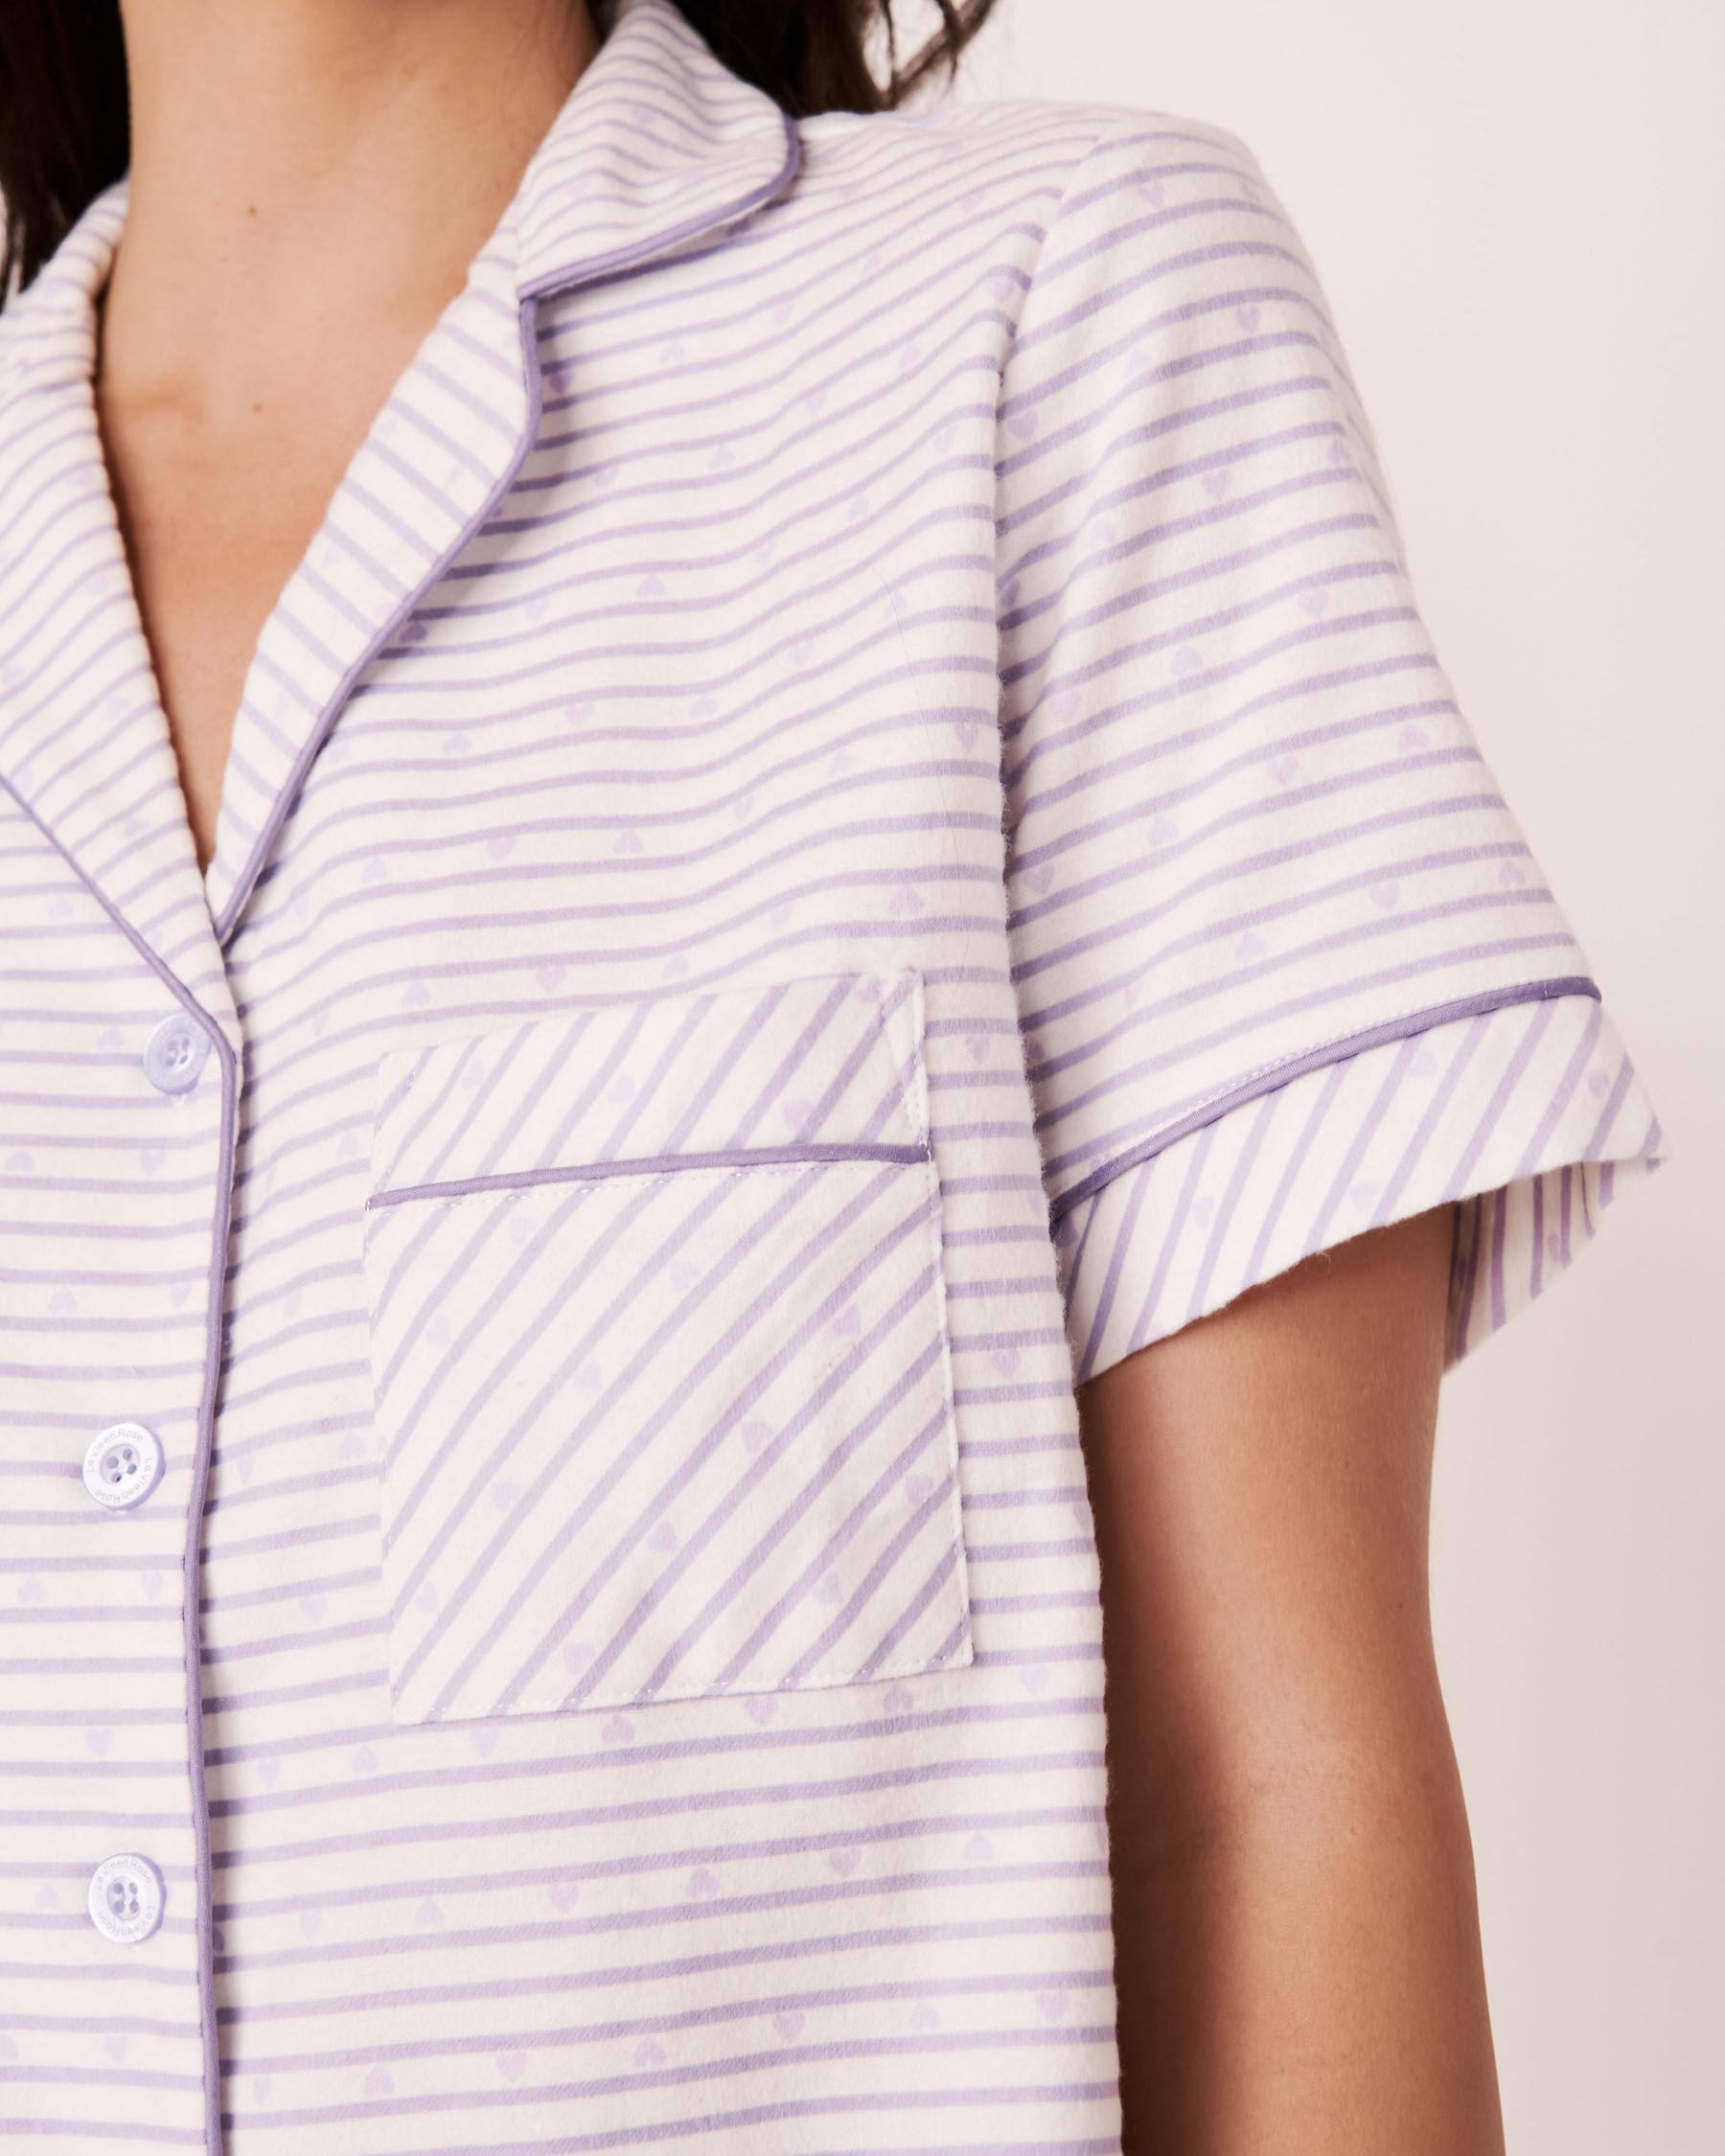 LA VIE EN ROSE Flannel Short PJ Set Stripes 40400011 - View3